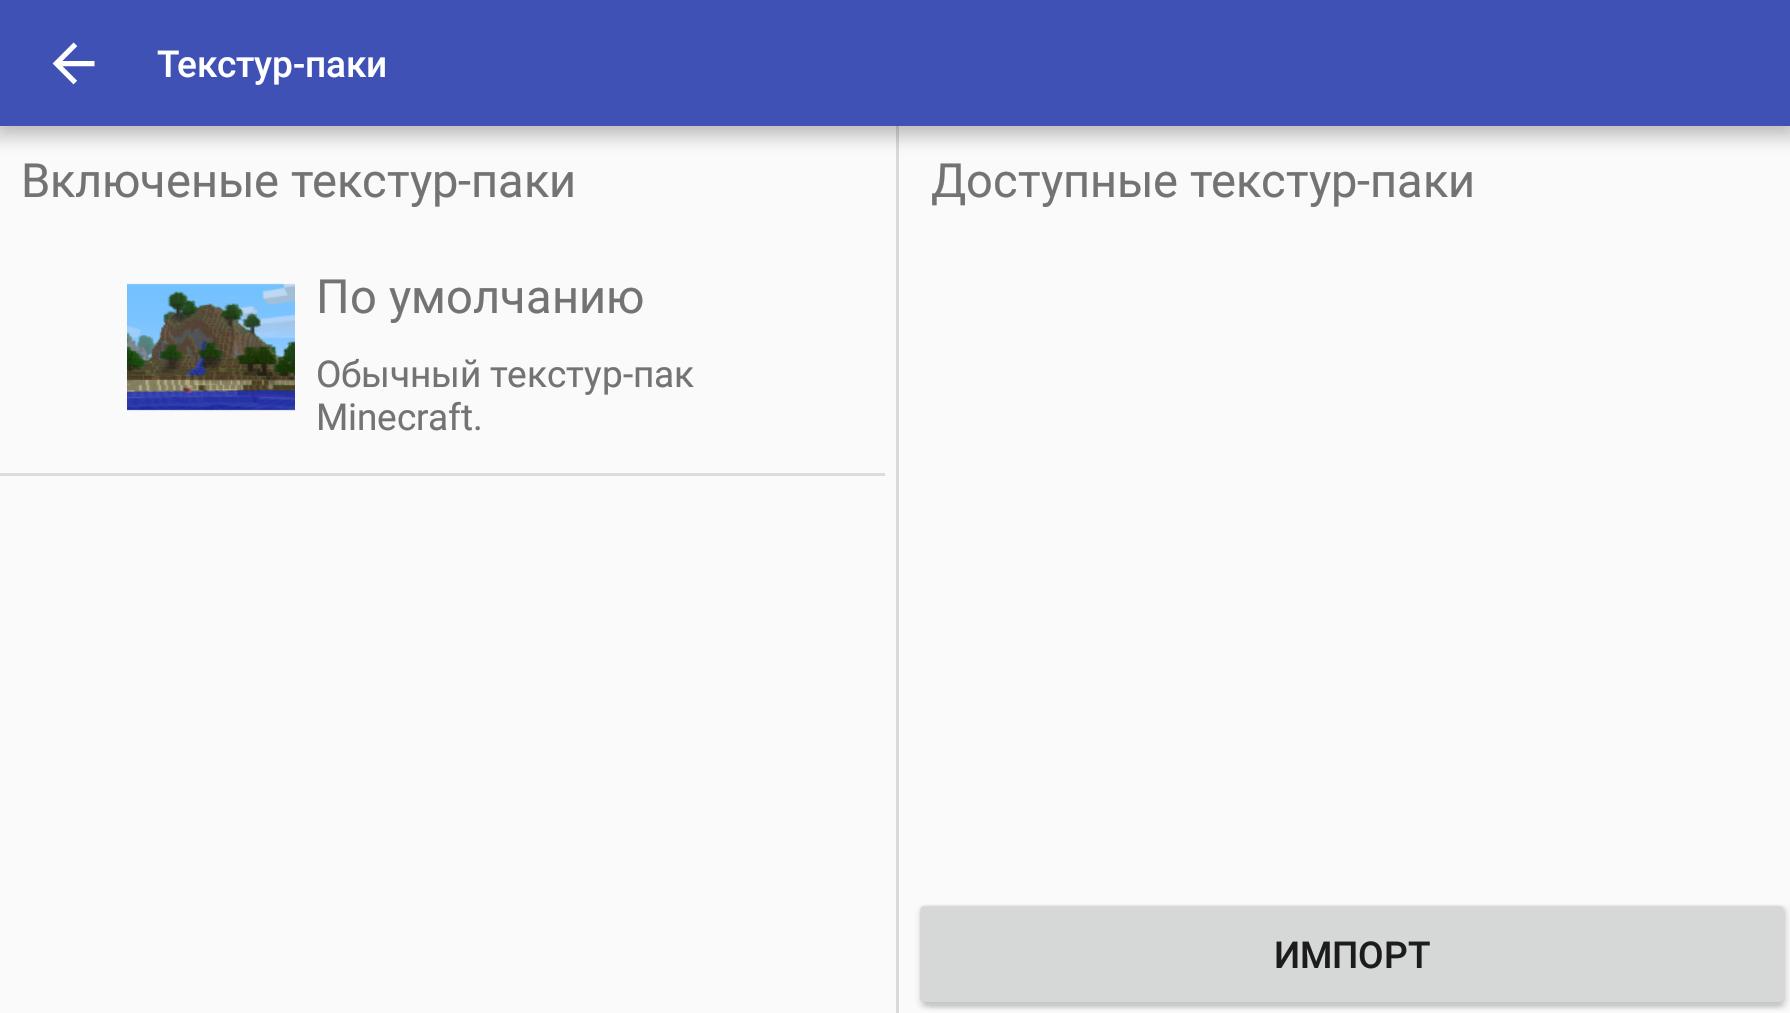 скачать аддон toolbox для майнкрафт на андроид